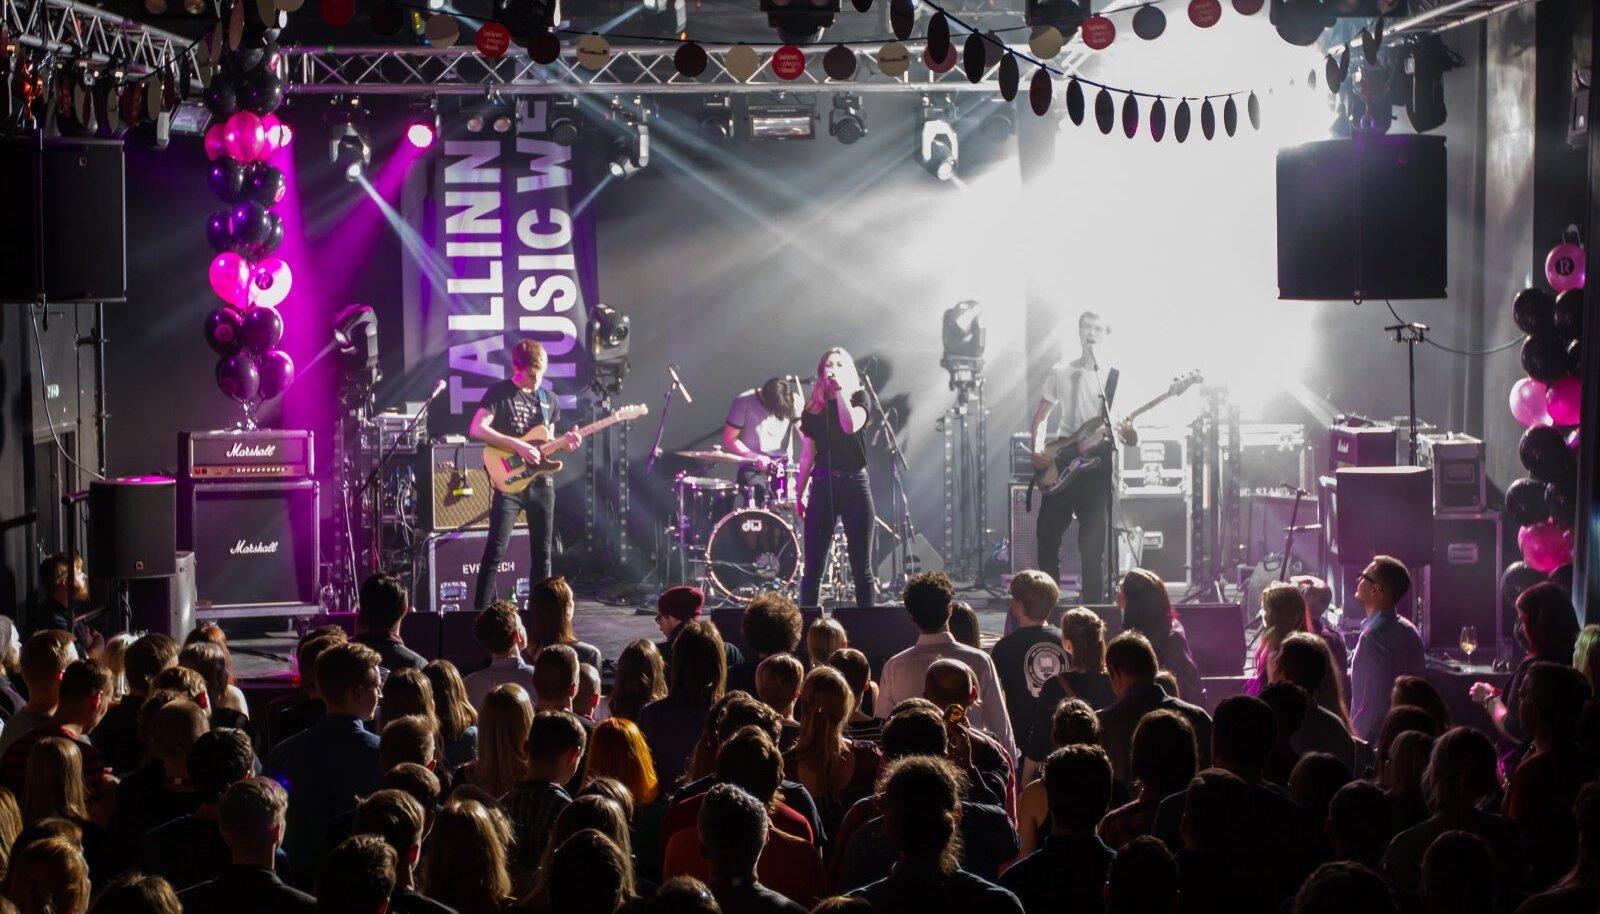 Tallinn Music Week Von Krahlis